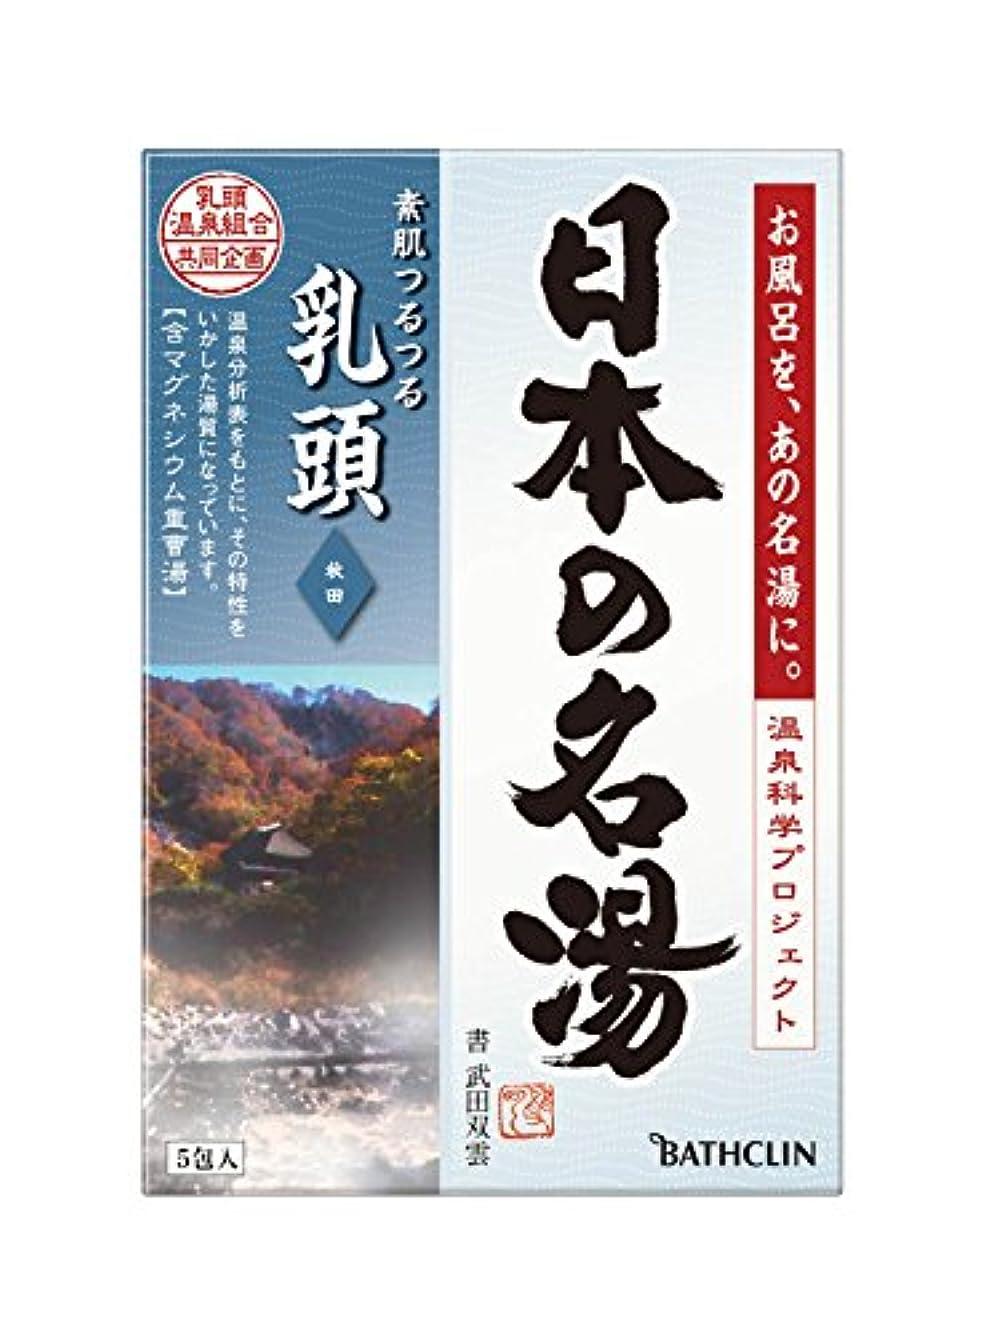 スモッグなす土地【医薬部外品】日本の名湯入浴剤 乳頭(秋田) 30g ×5包 にごりタイプ 個包装 温泉タイプ